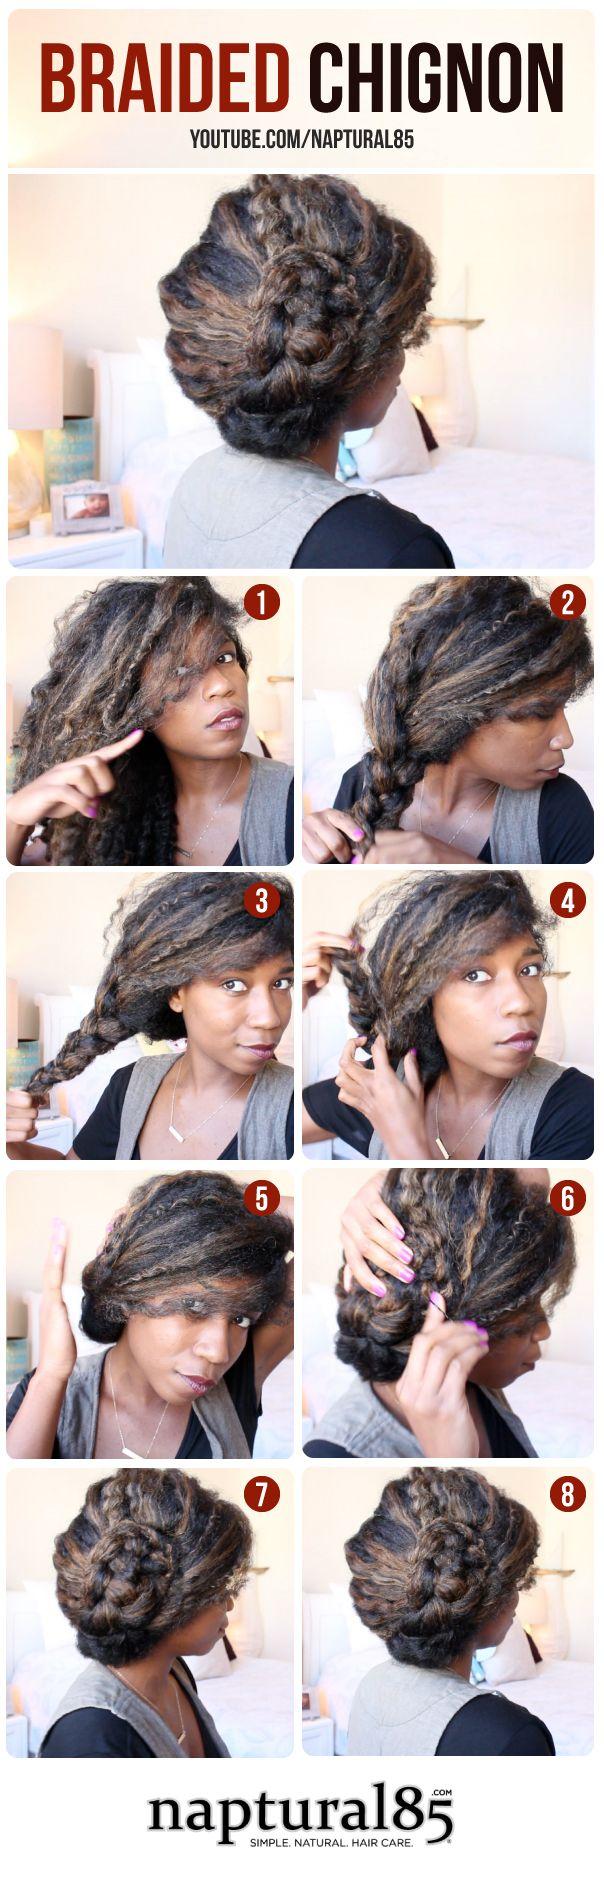 Naptural natural hair care tips blog content natural hair